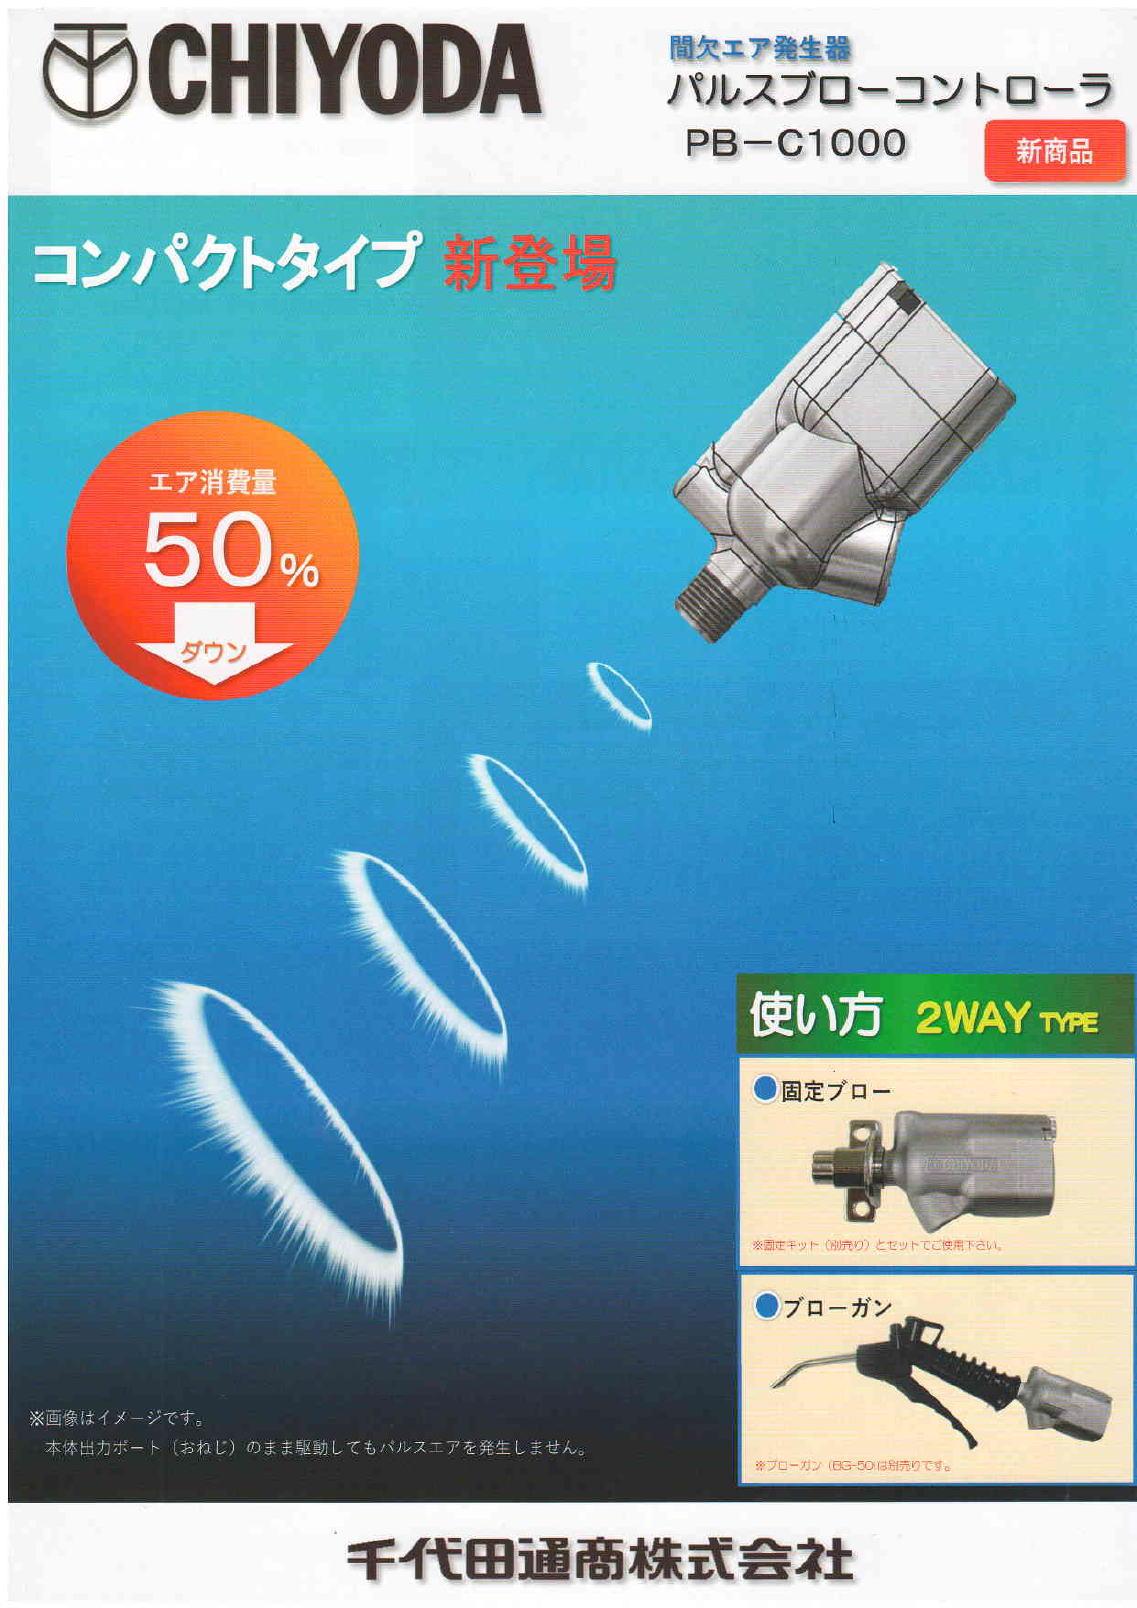 千代田通商 CHIYODA 間欠エア発生器 パルスブローコントローラ PV-C1000